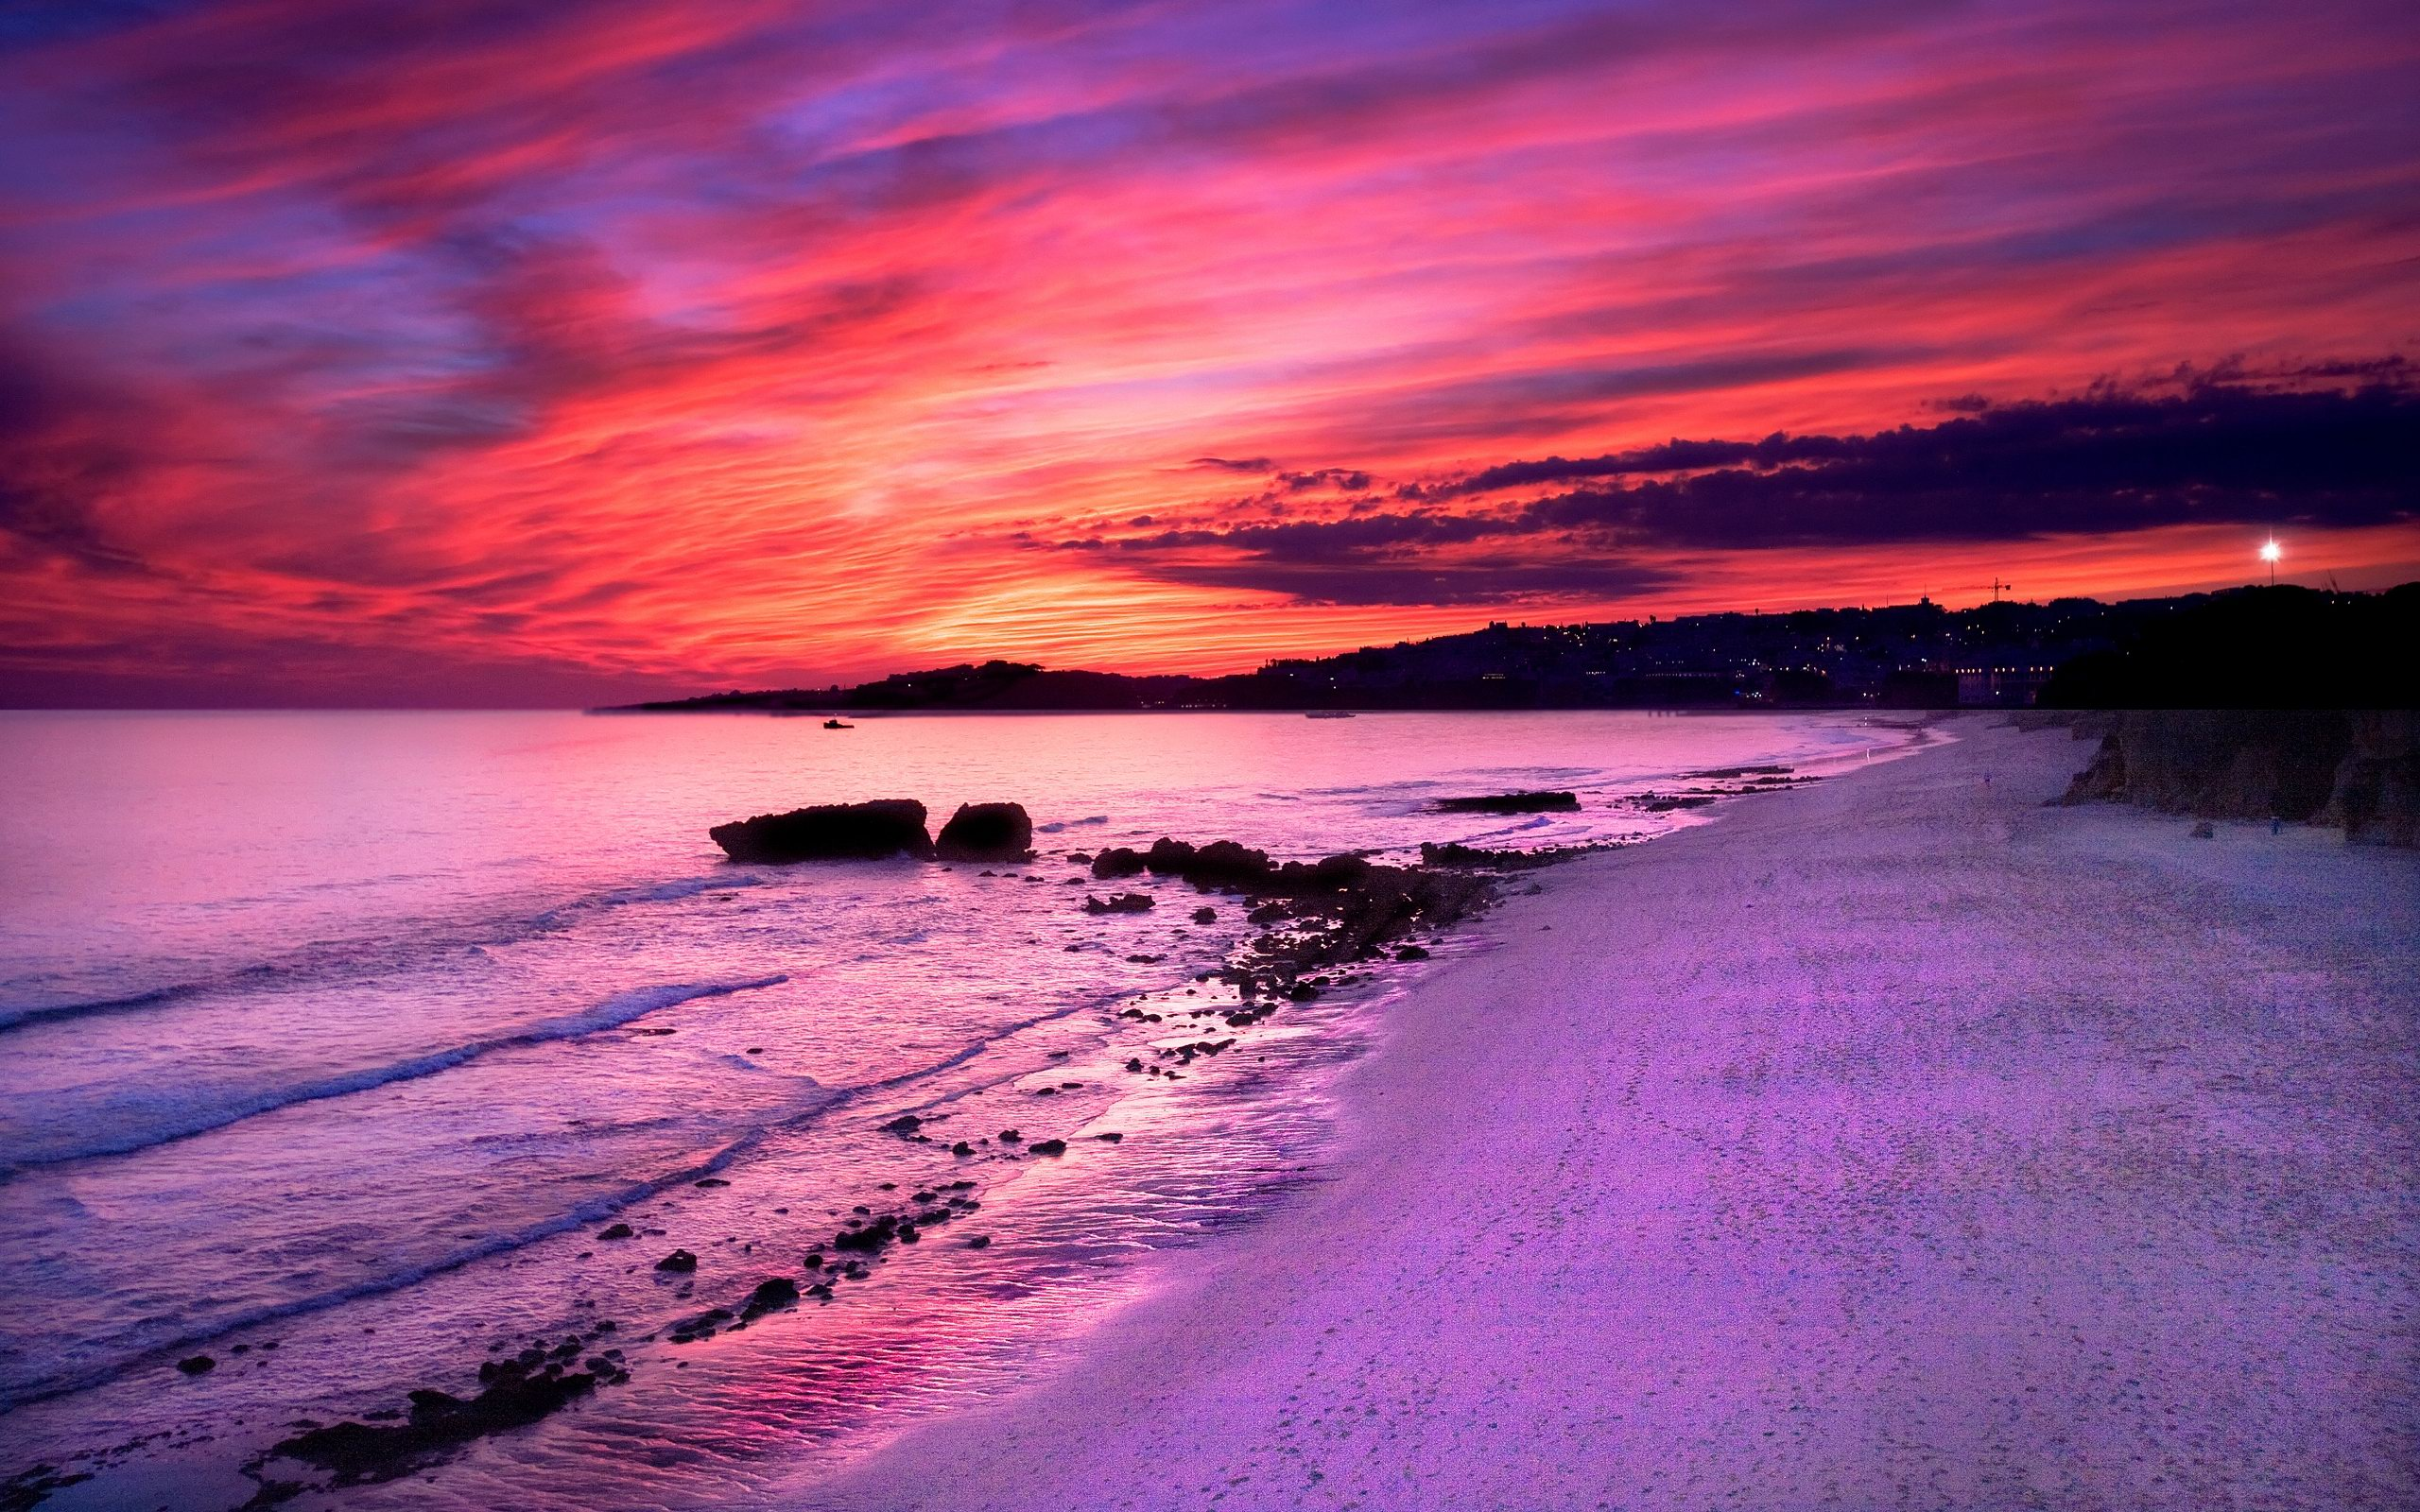 Beach sundown scenery